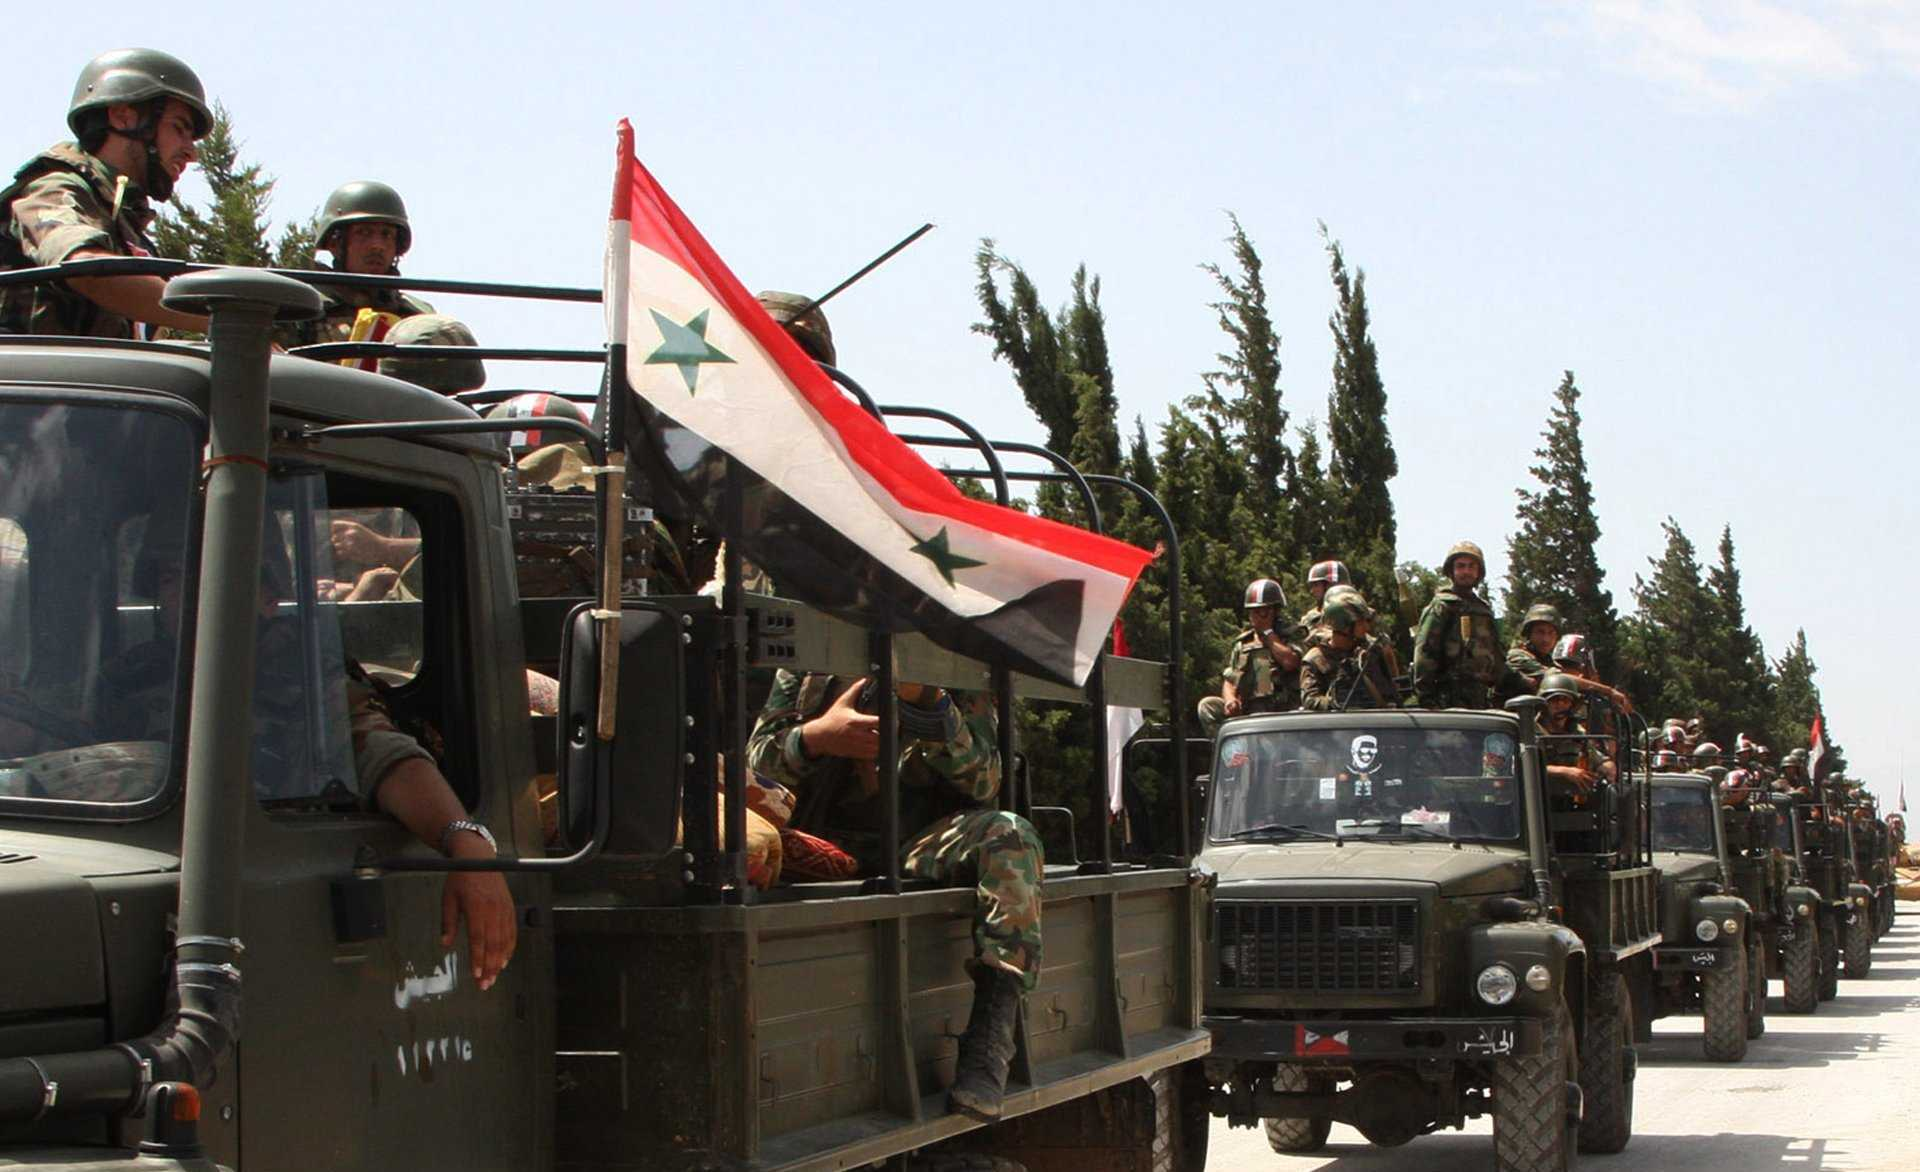 الجيش السوري يستهدف تجمعات إرهابية بريف إدلب وجنوب حلب